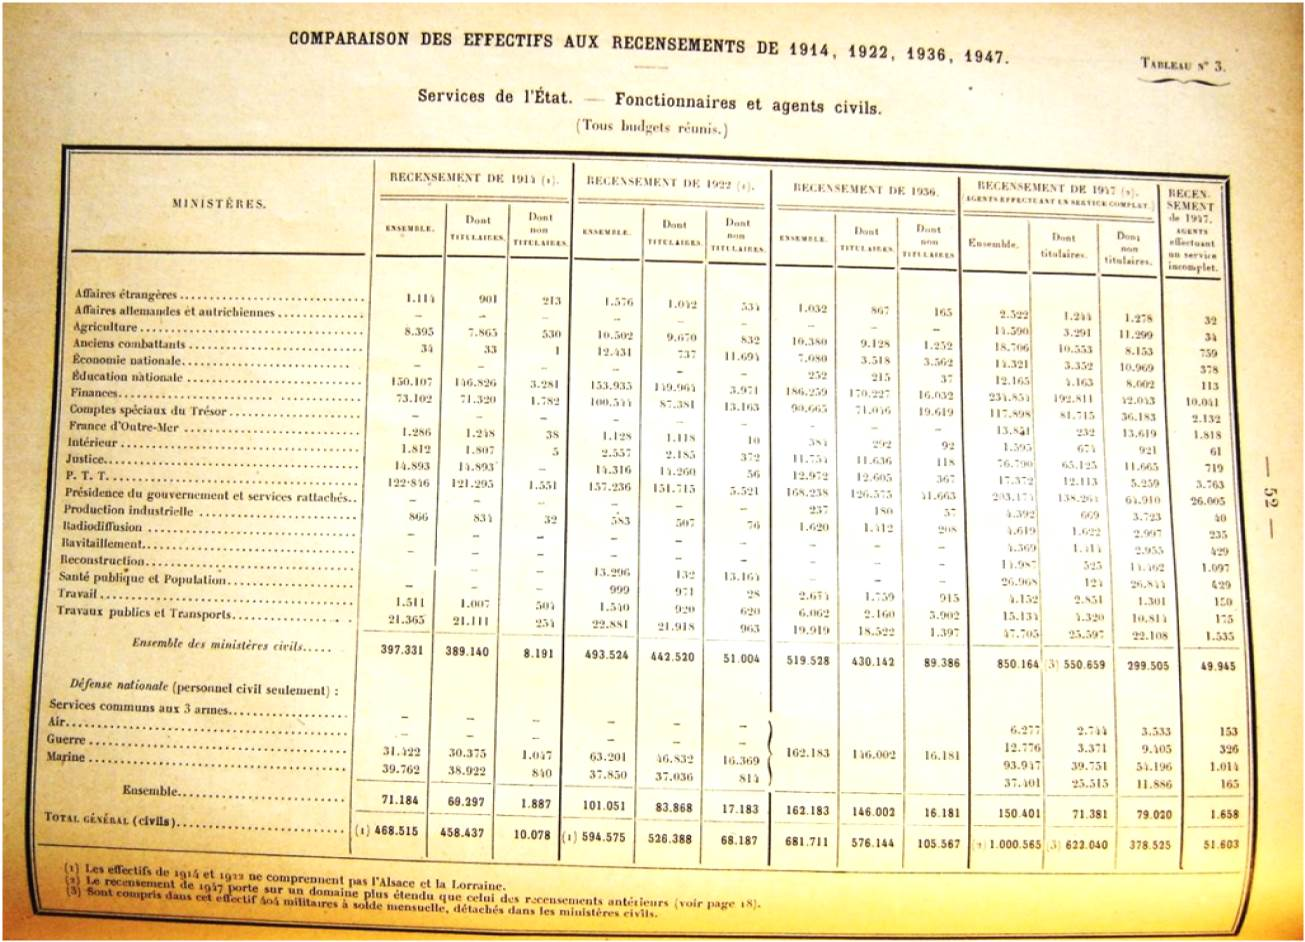 Source : INSEE, Recensement général des agents des services publics, Paris, Imprimerie nationale & PUF, 1949, 108 p.